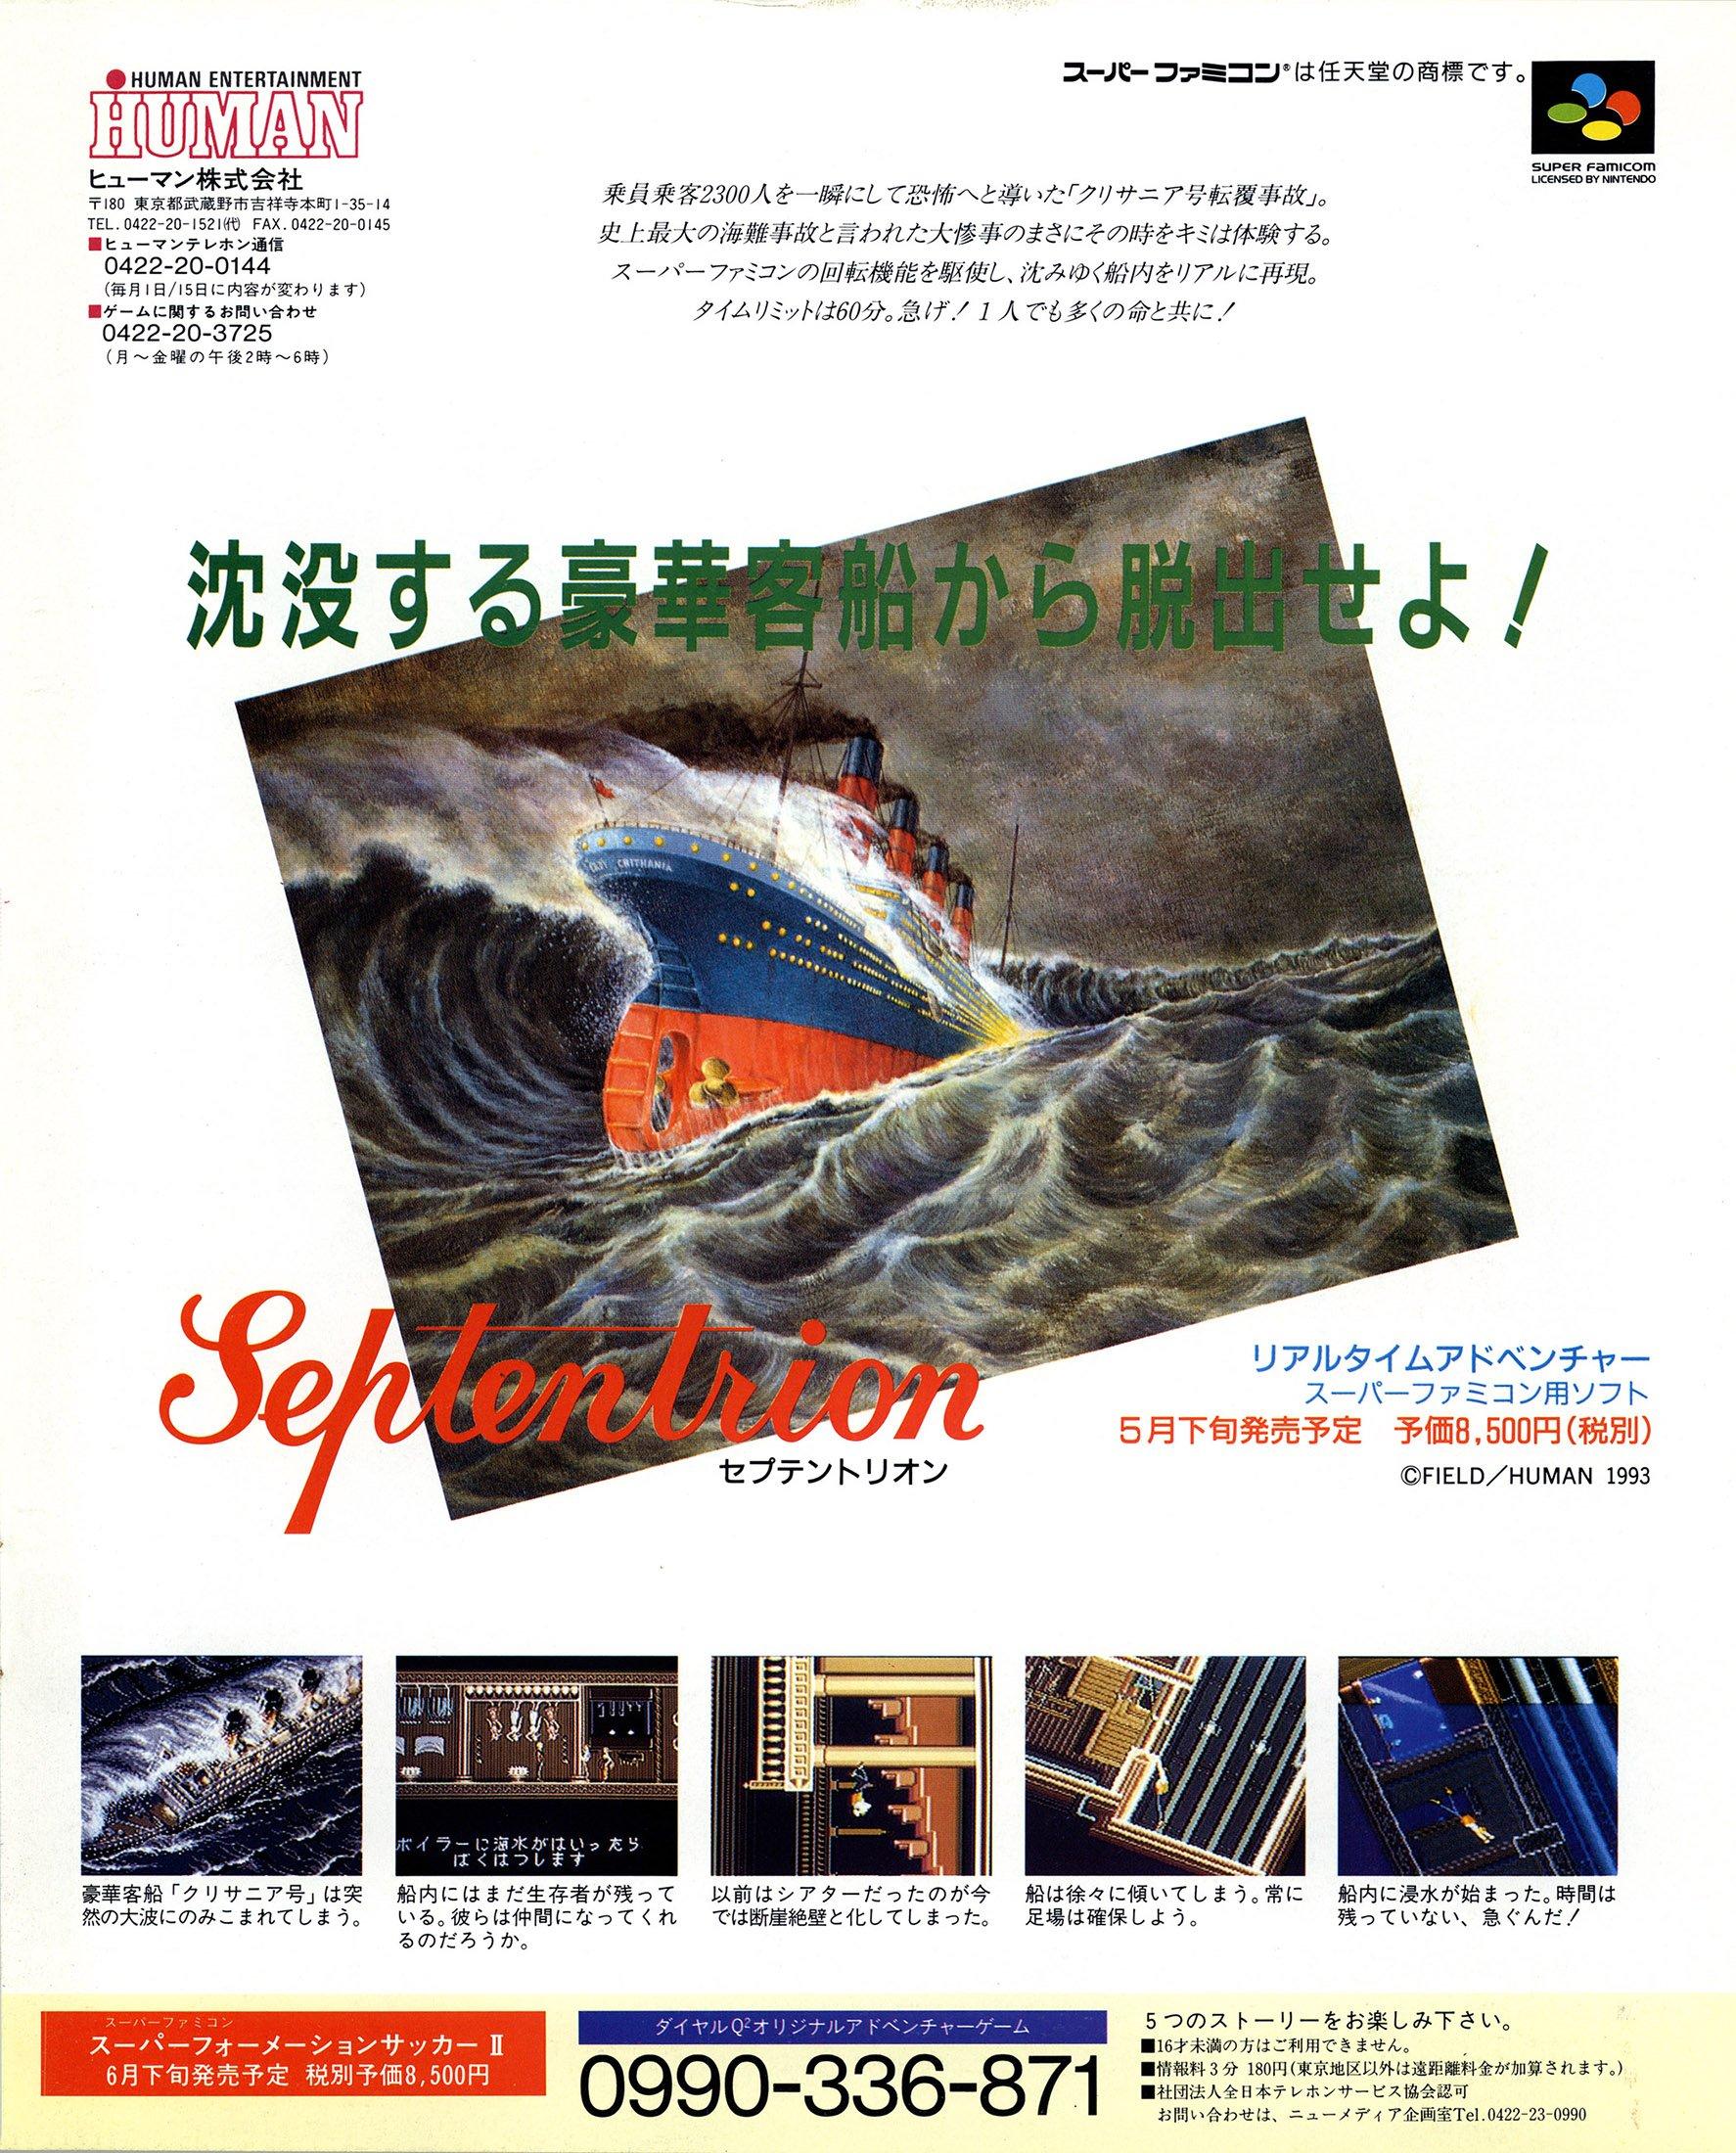 SOS (Septentrion) (Japan)